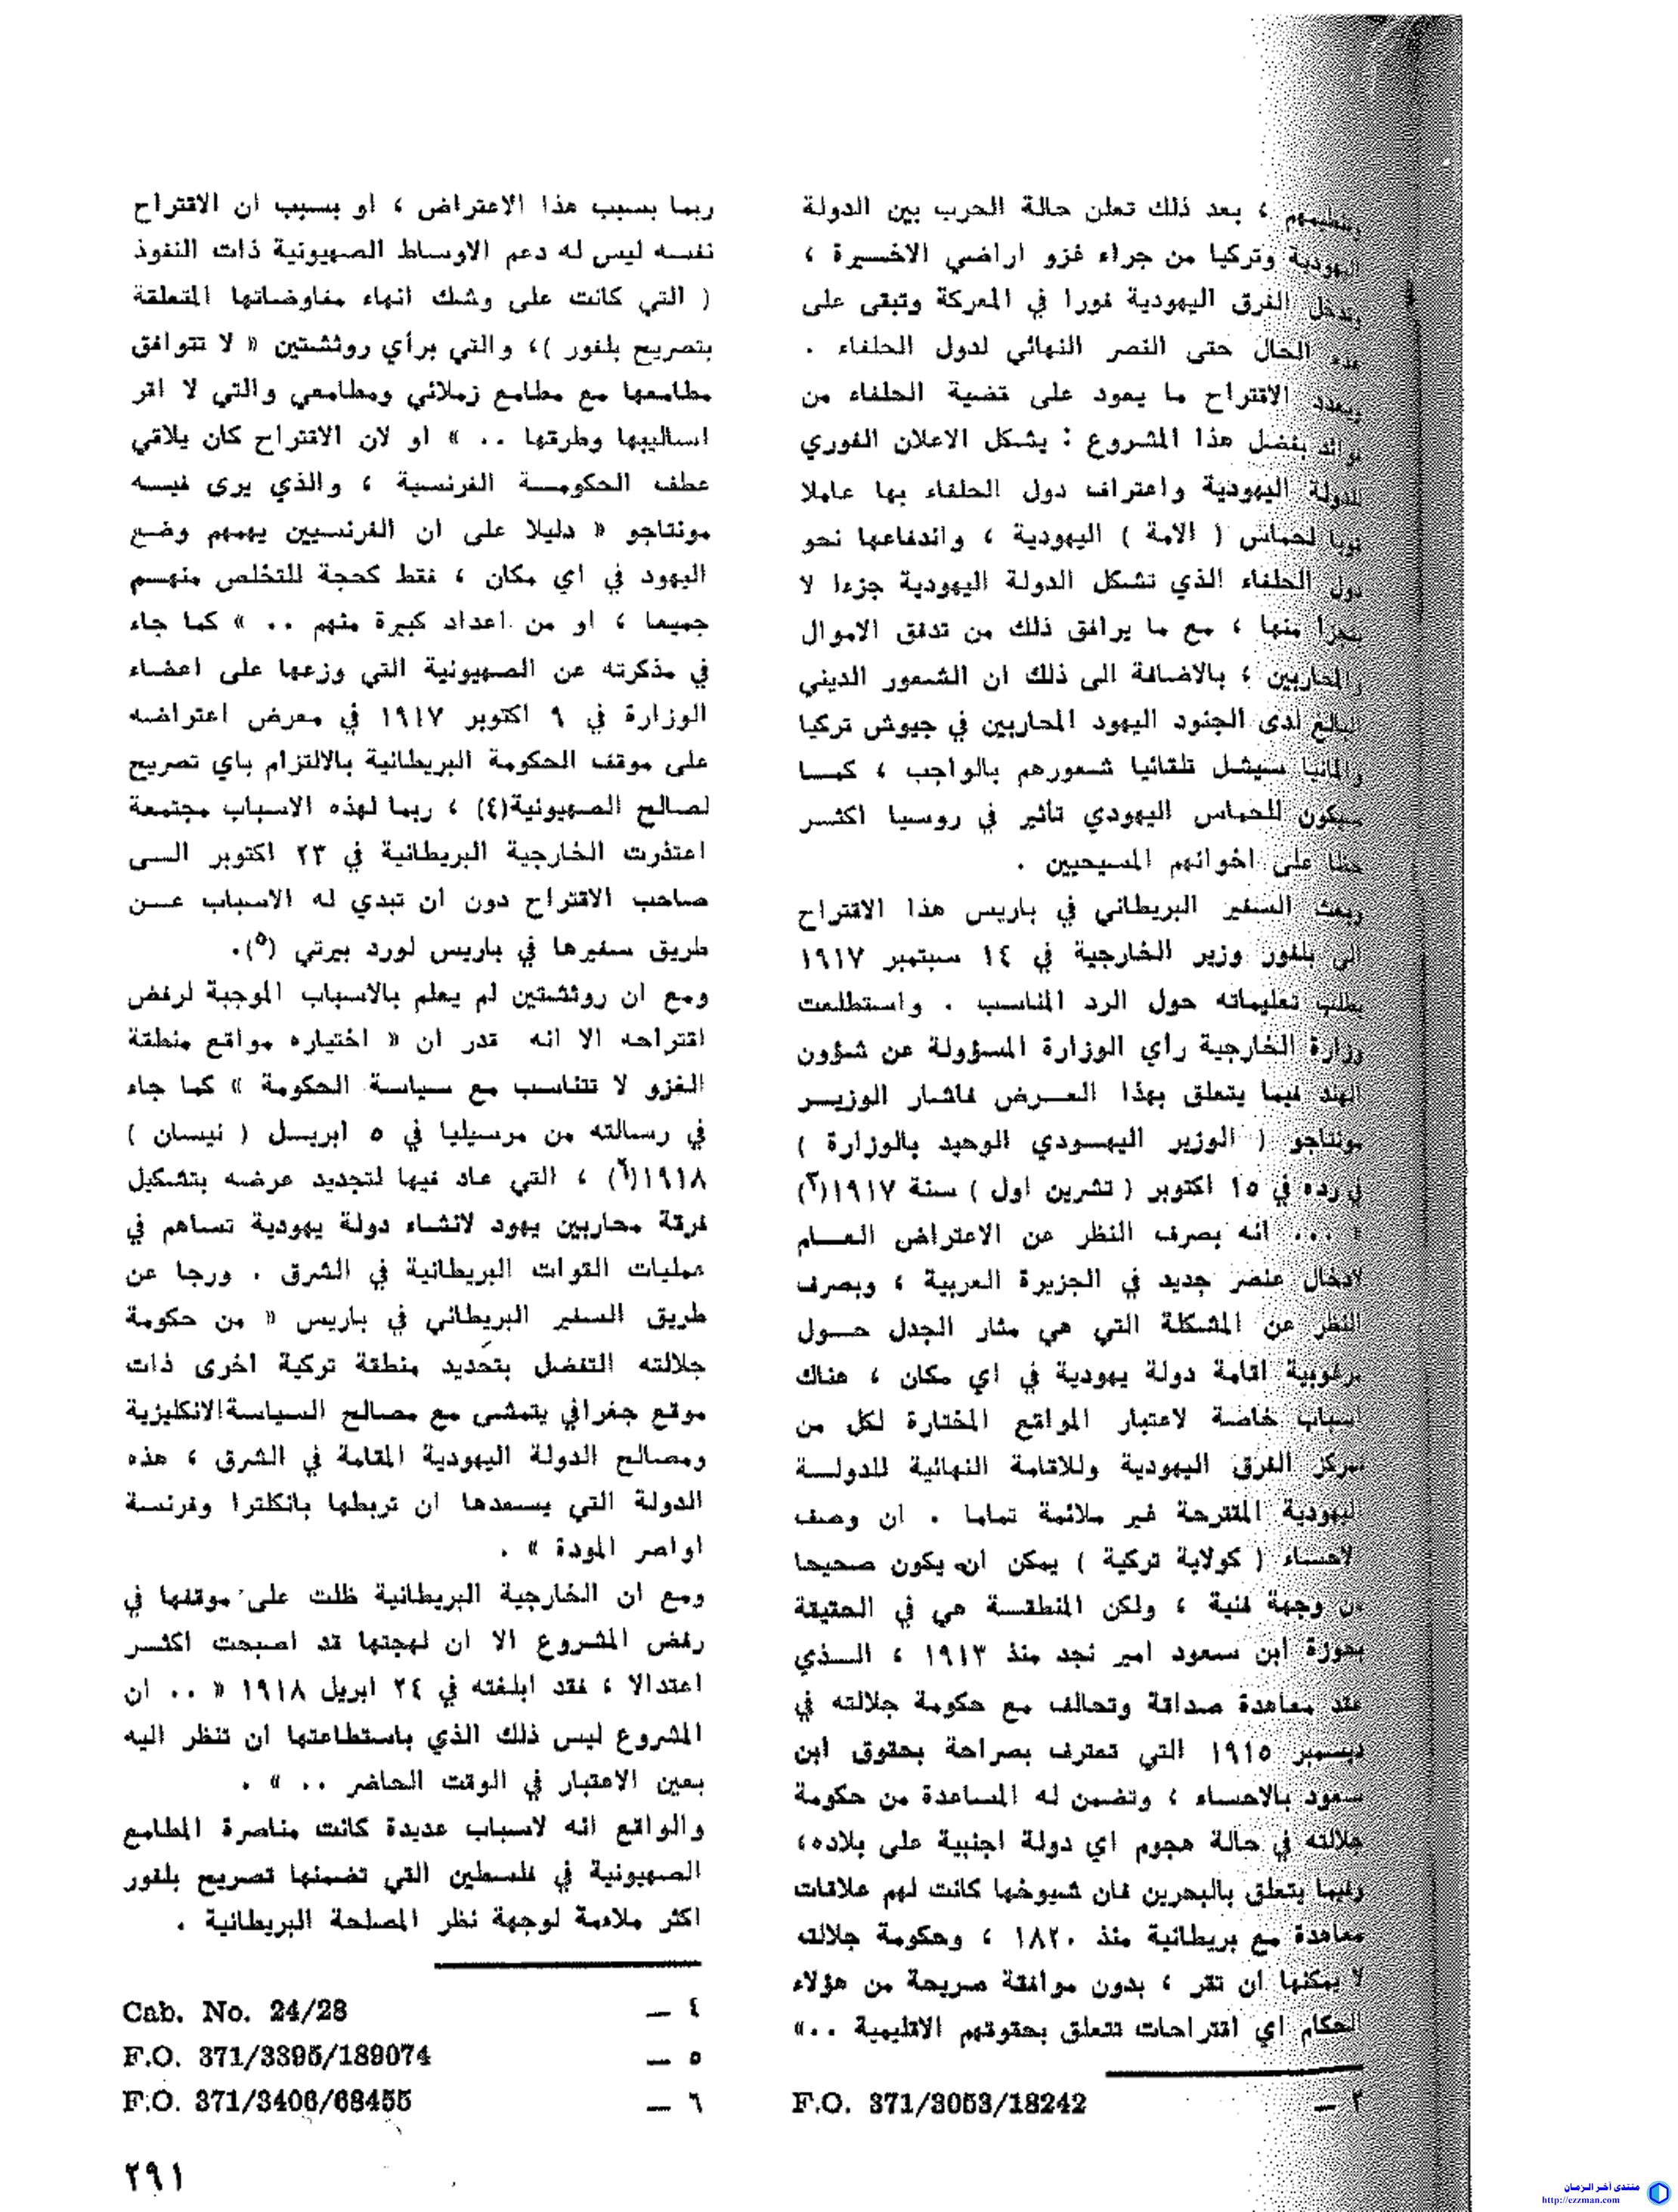 وثائق بريطانية اقتراح يهودي بإقامة